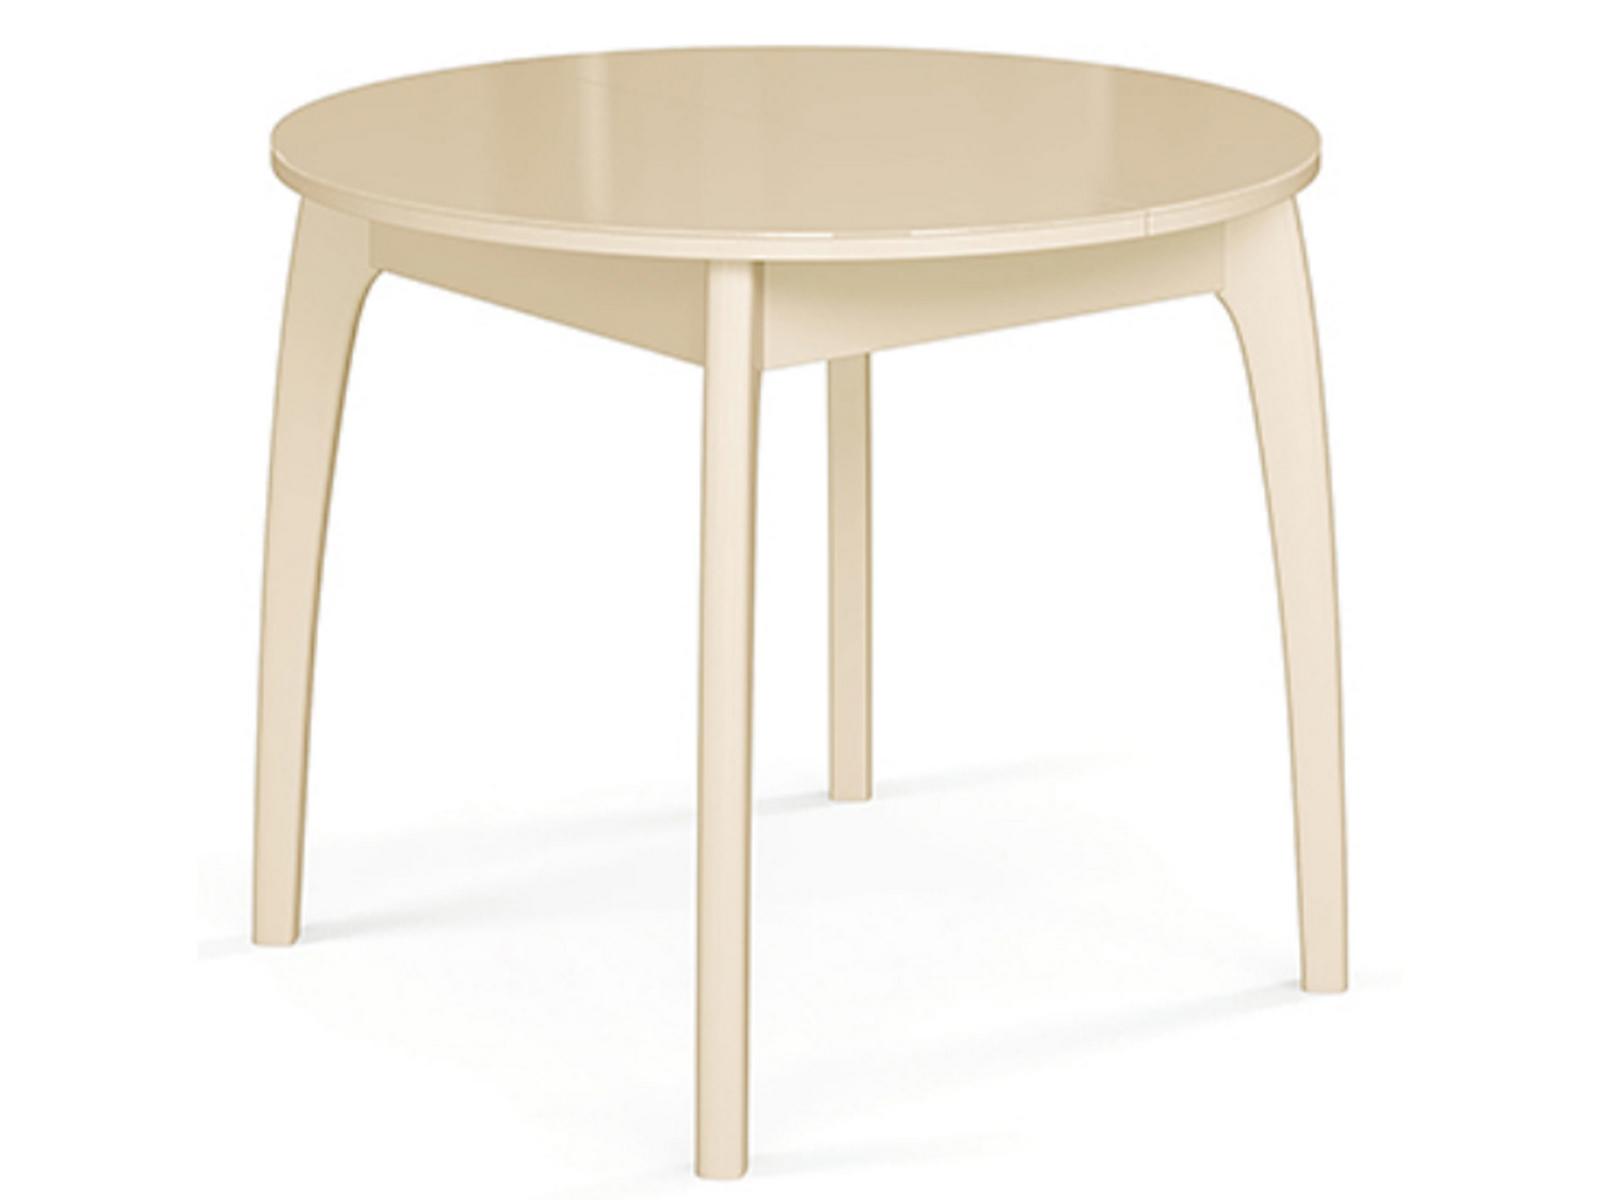 Обеденный стол раздвижной ДИК Стол №46 ДН4 (круглый) Слоновая кость / Стекло бежевое